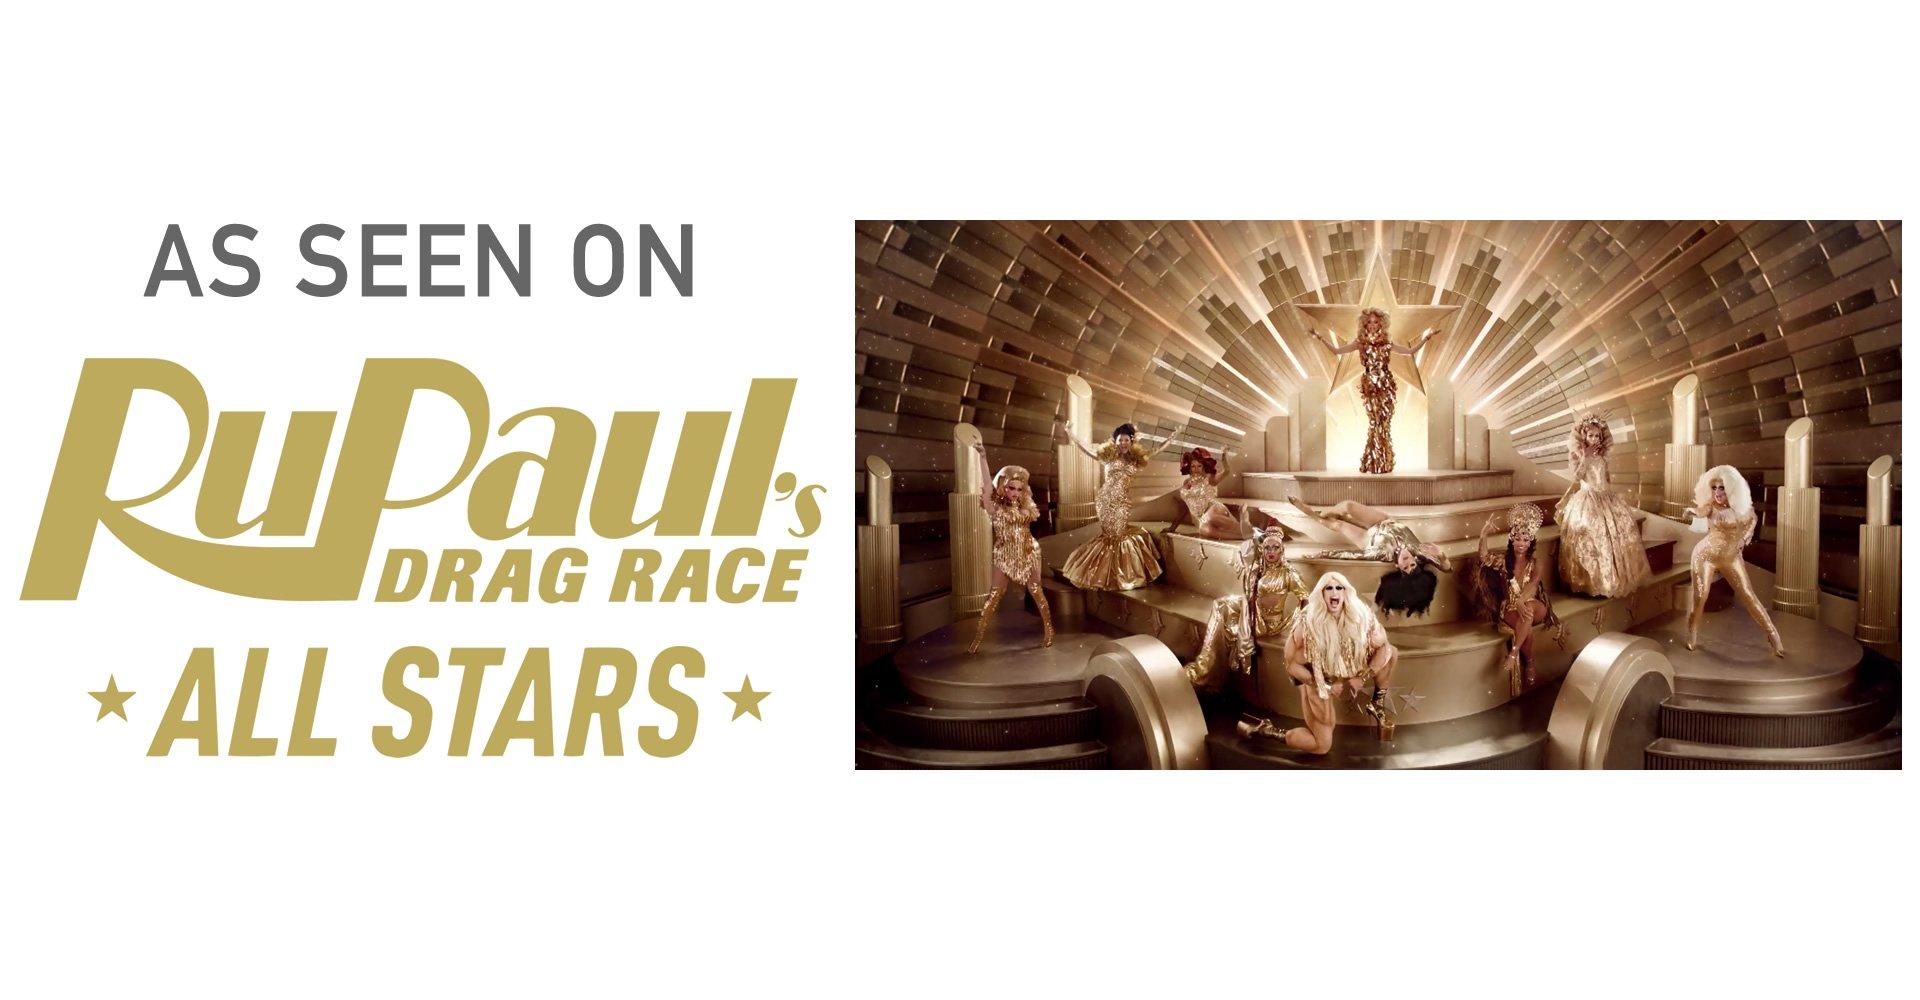 As Seen on RuPaul's Drag Race All Stars!